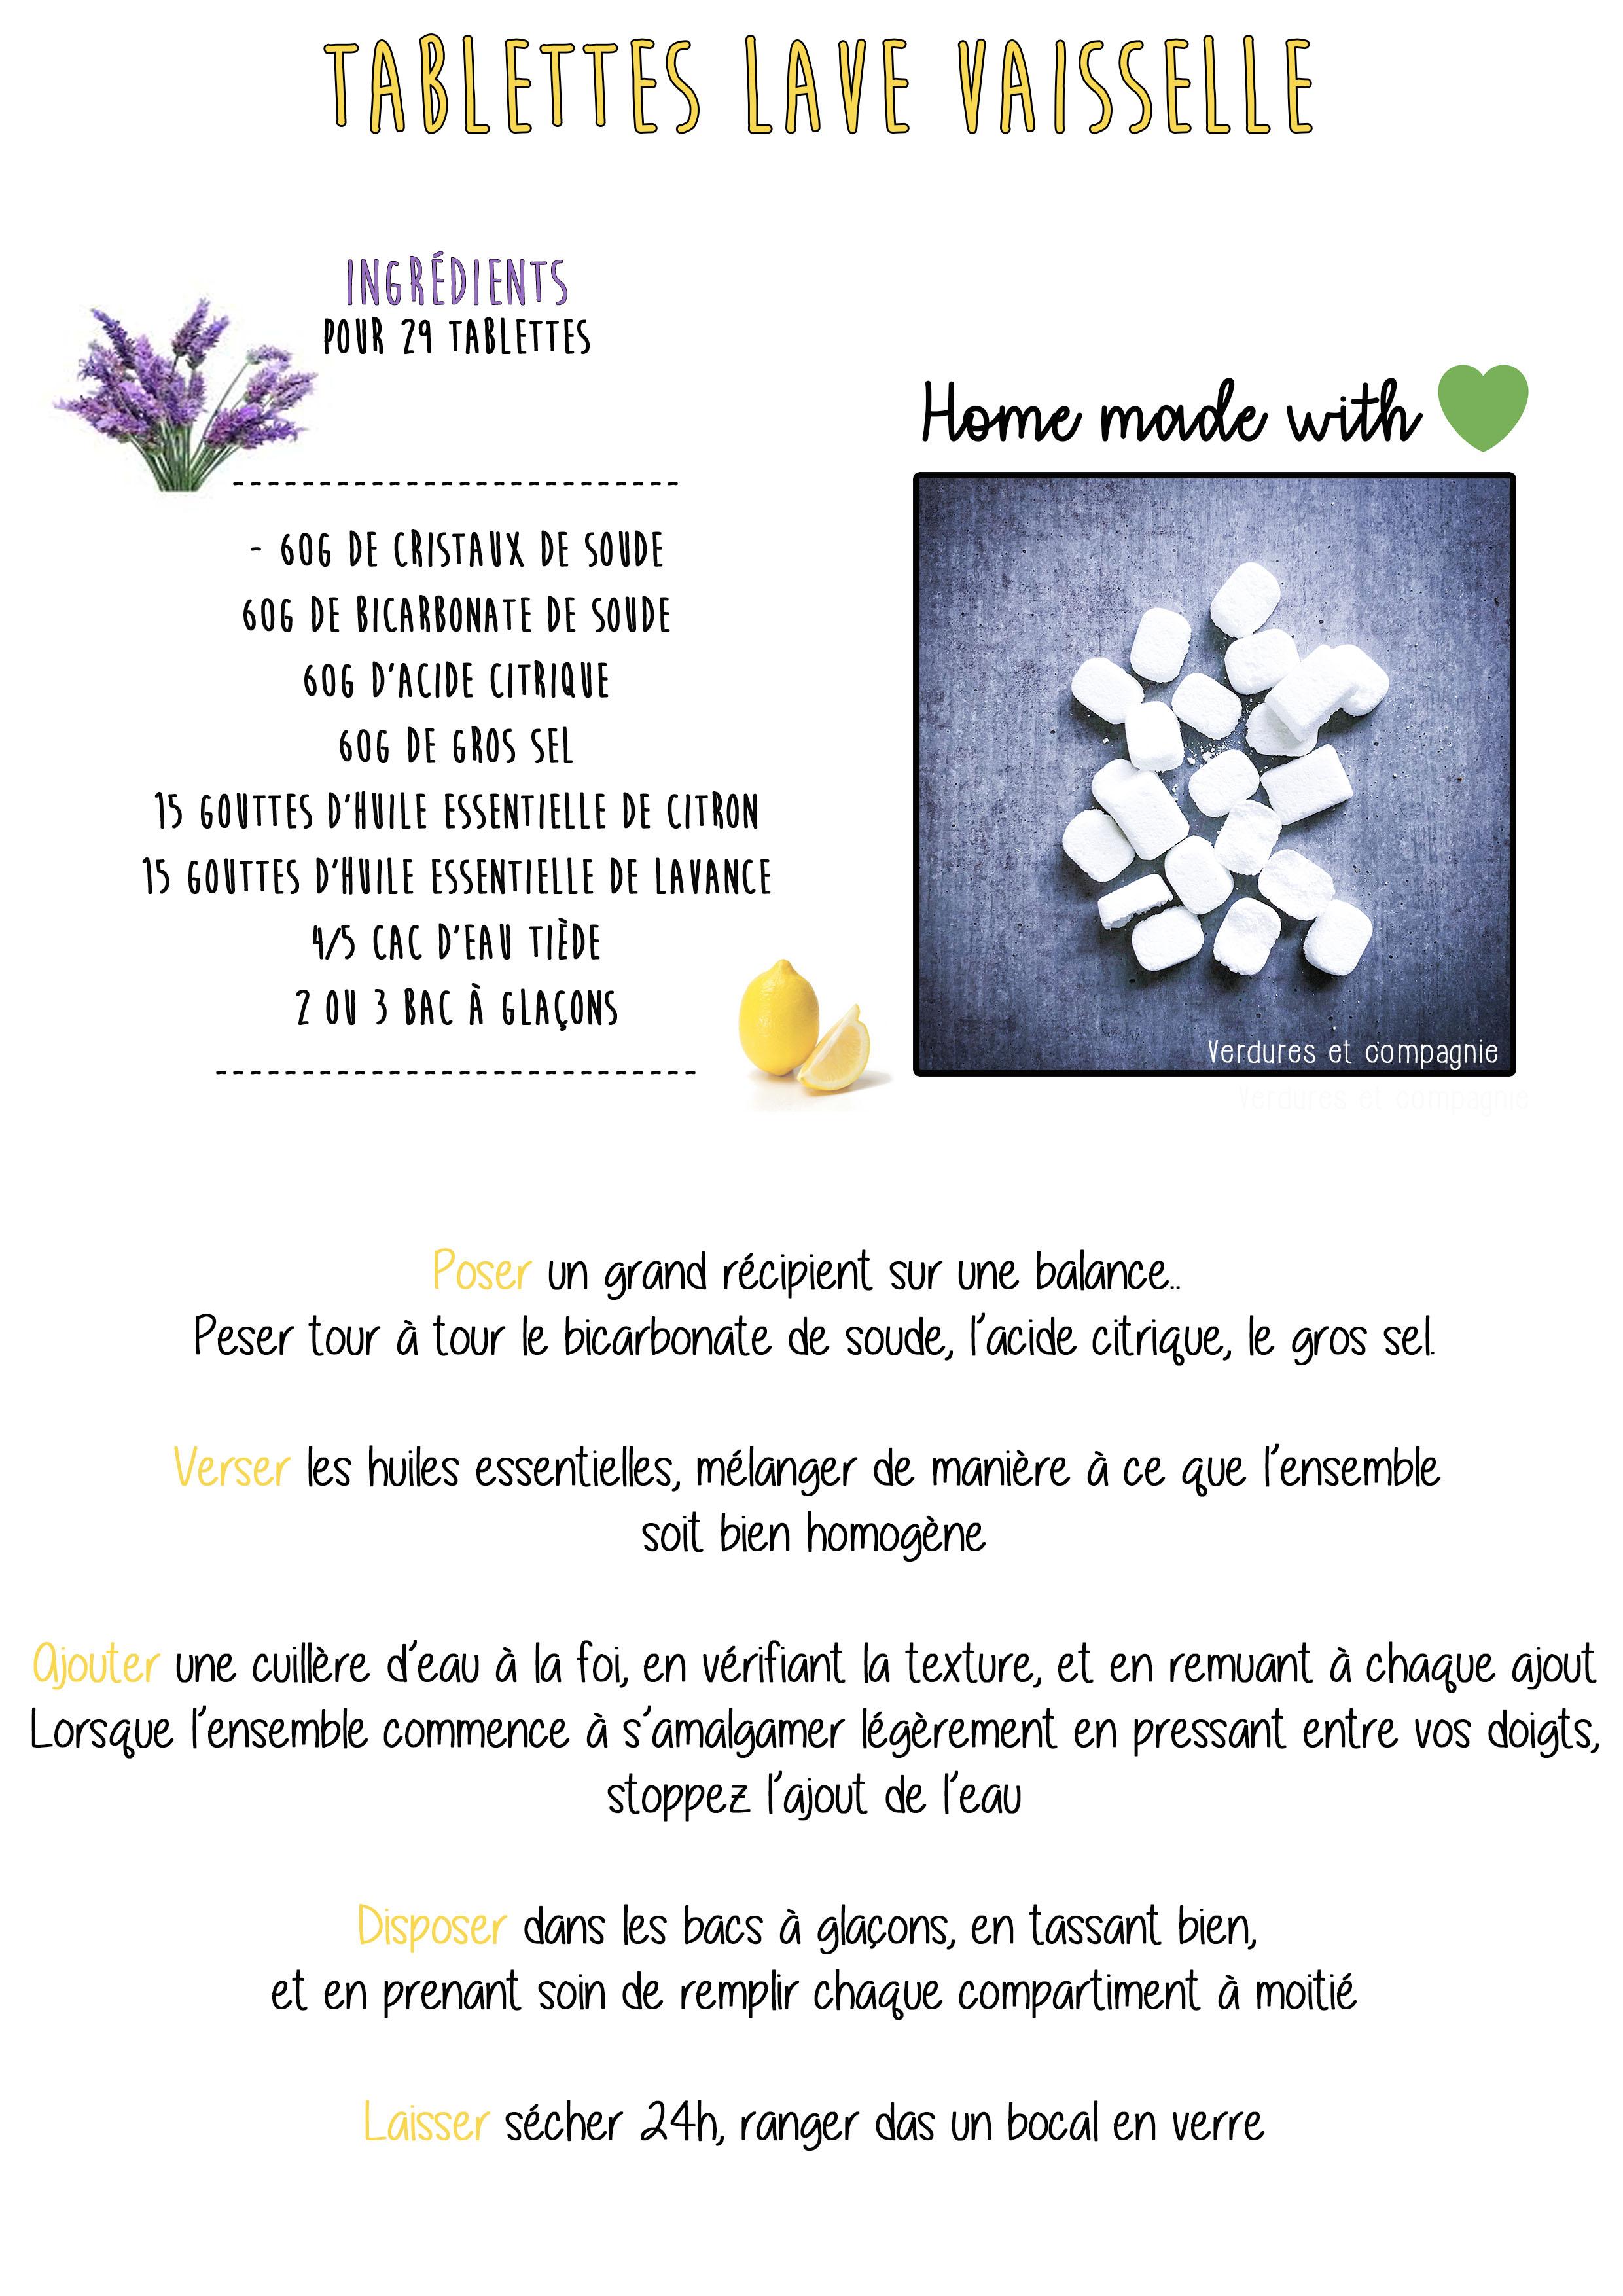 Tablettes lave vaisselle maison  Verdures Et Compagnie